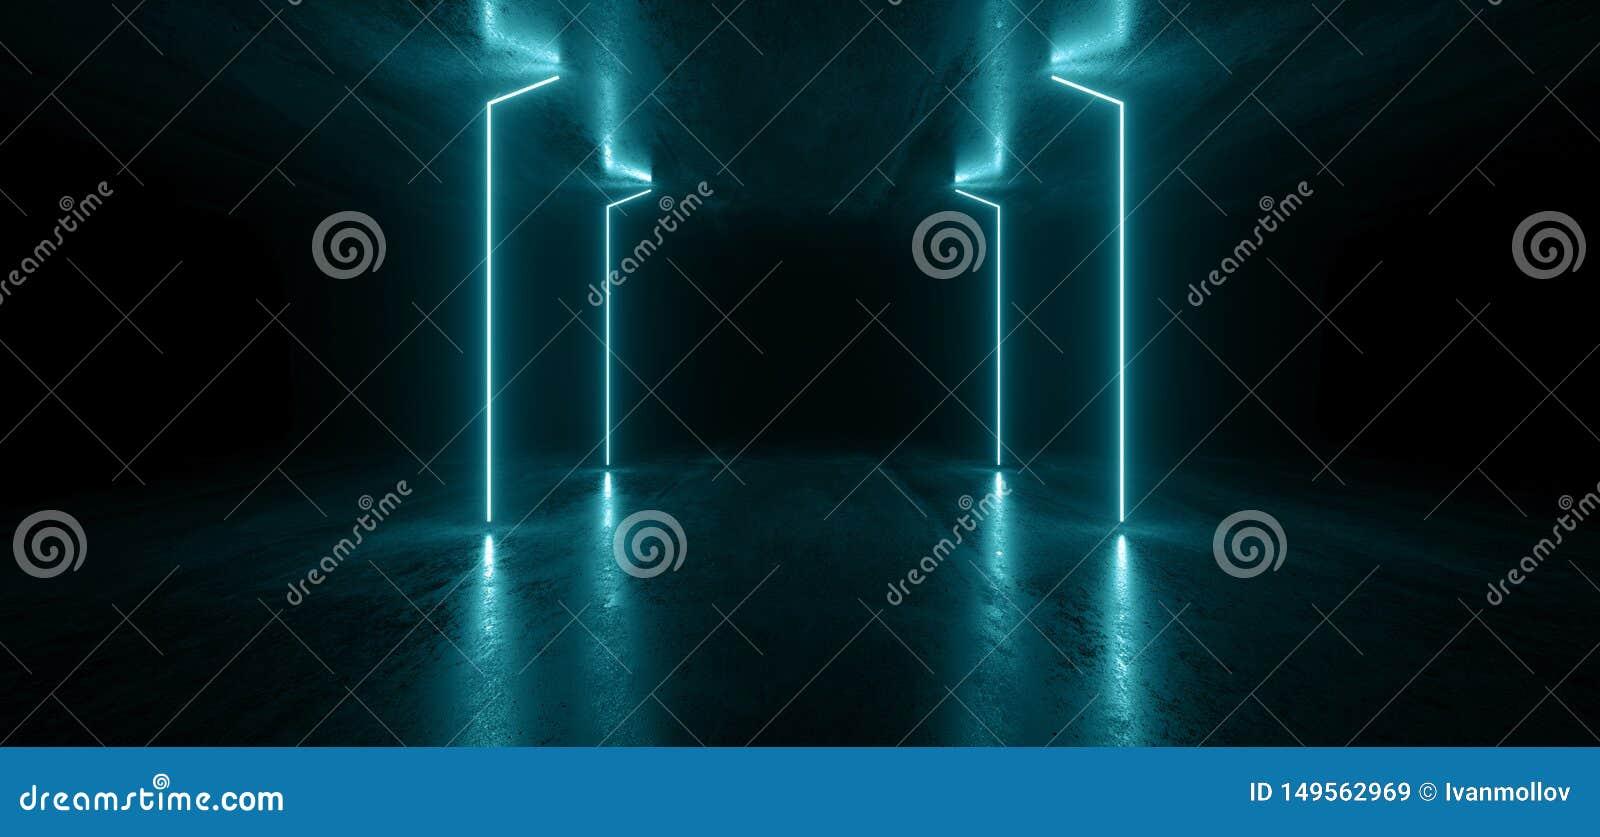 霓虹灯线图表发光的蓝色充满活力的真正科学幻想小说未来派隧道演播室阶段建筑车库指挥台太空飞船